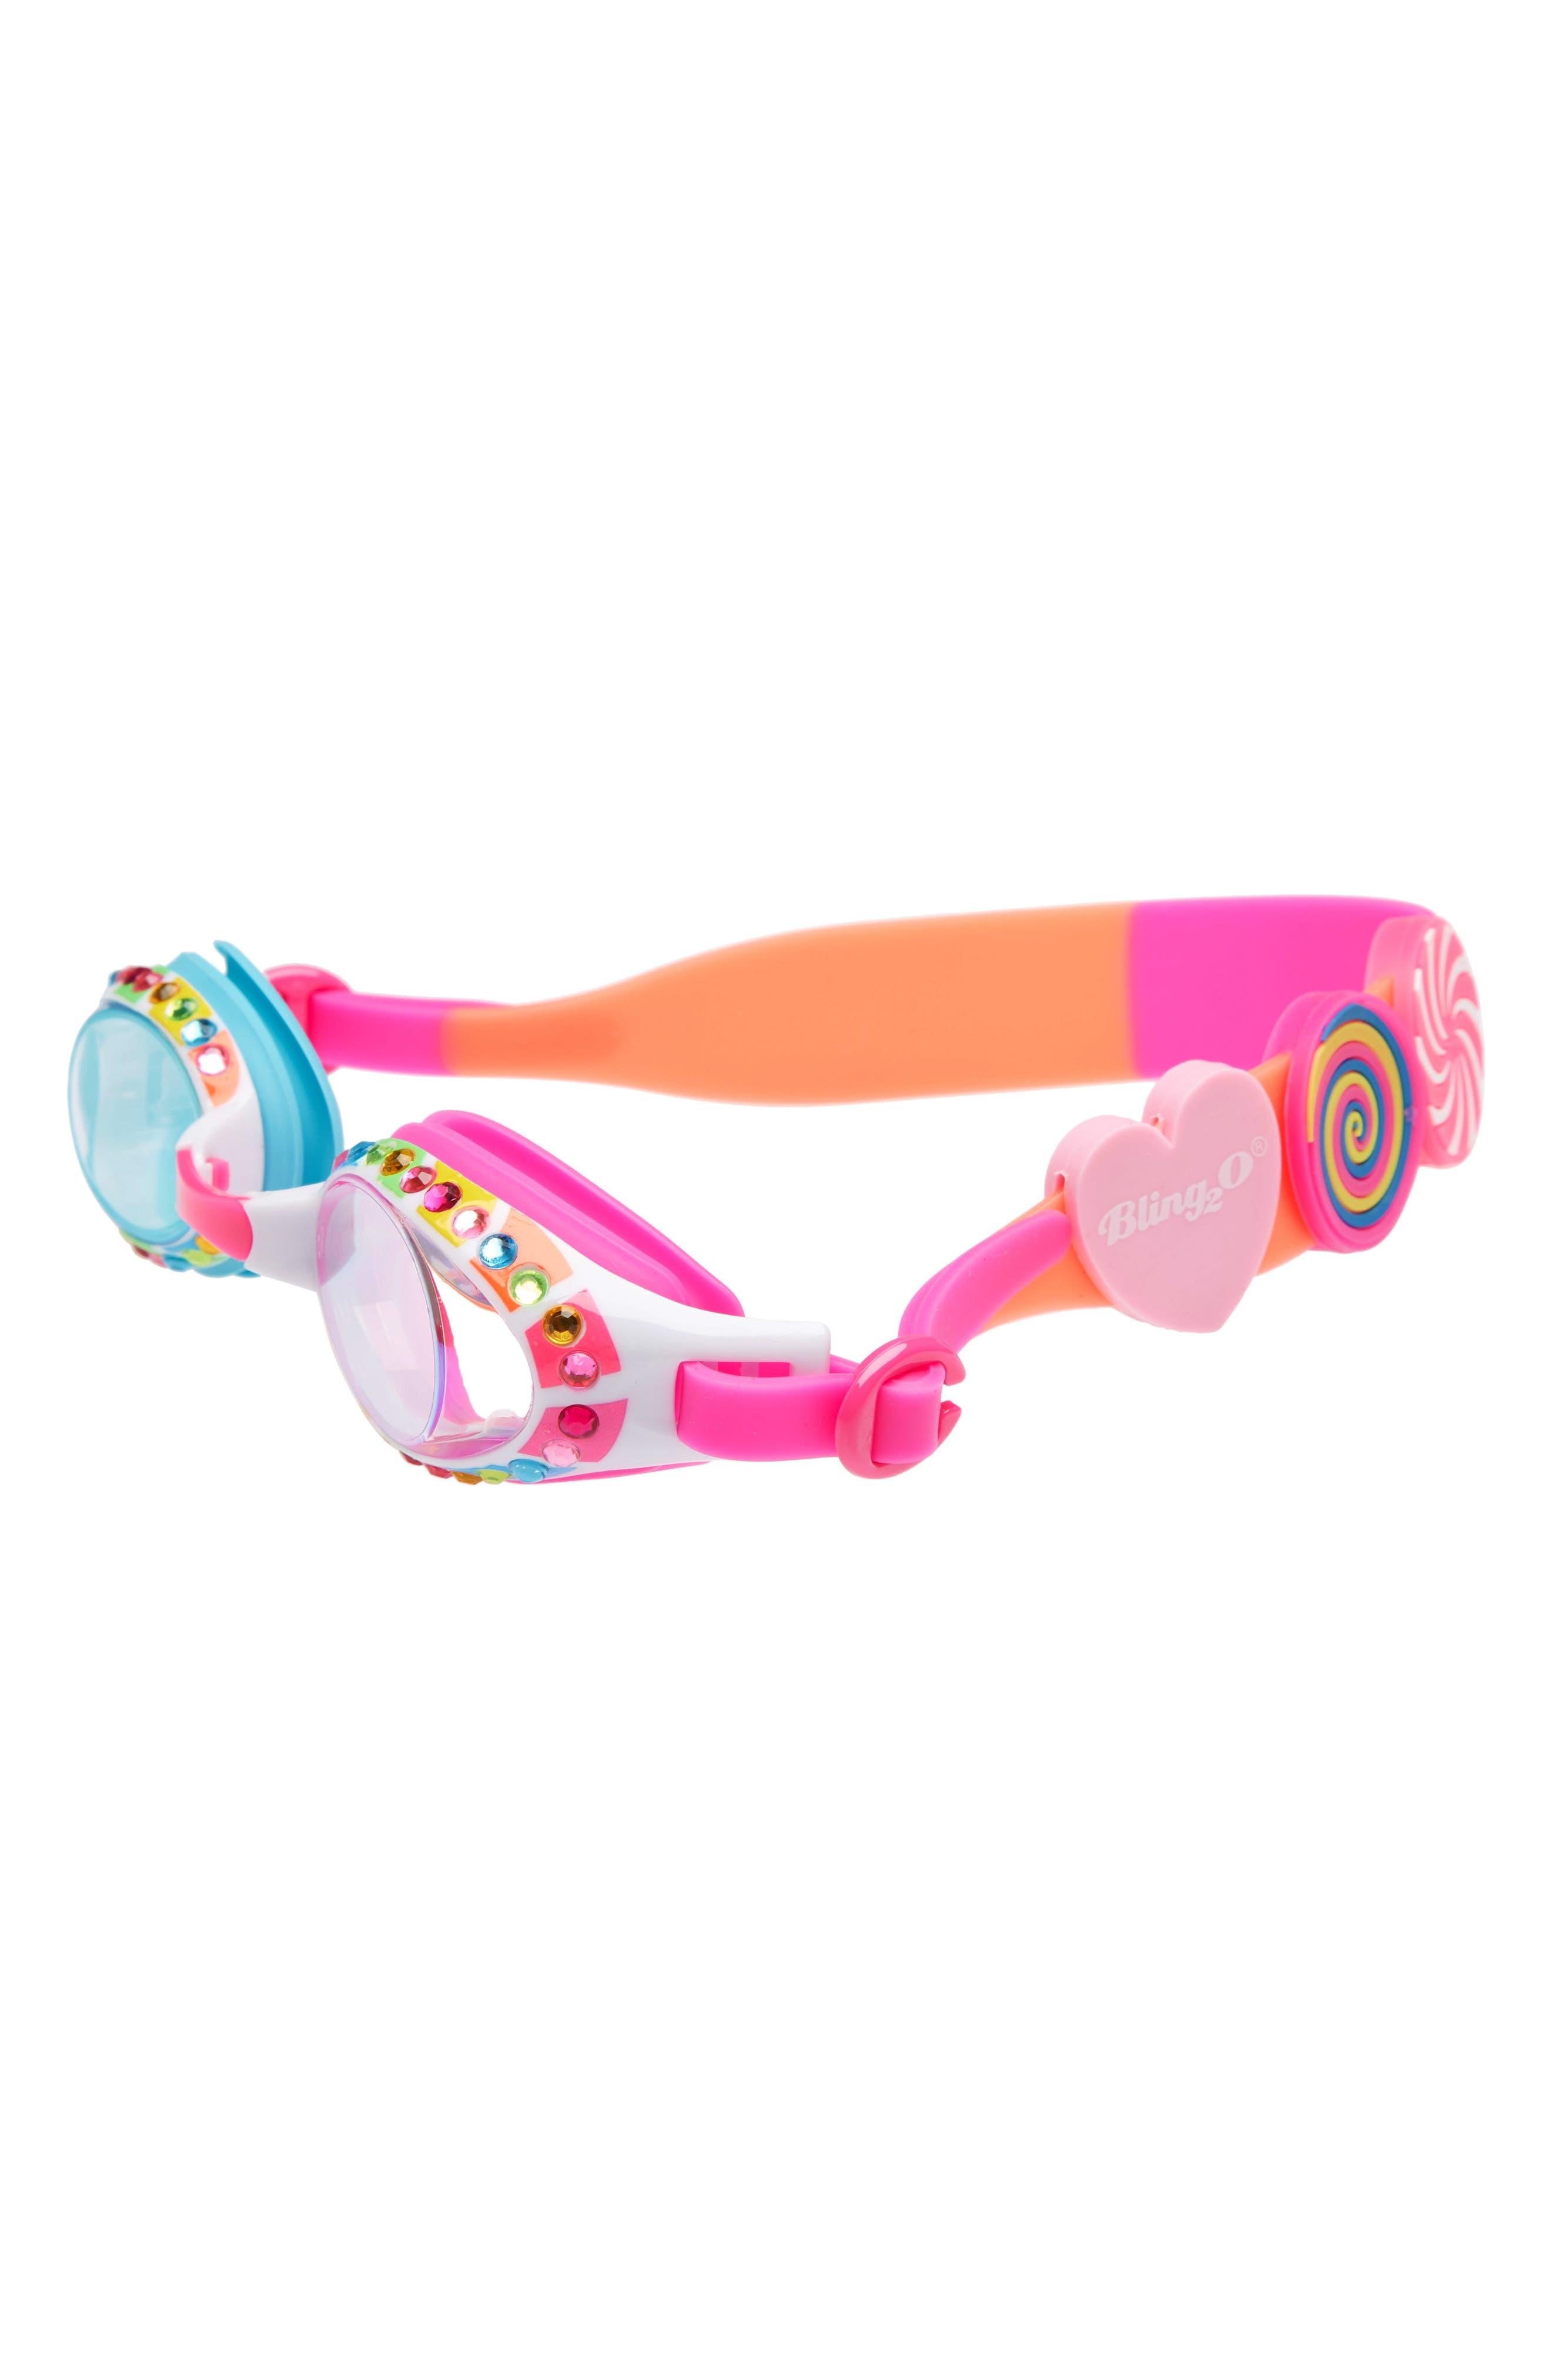 Lolli Poppins Swim Goggles,                         Main,                         color,